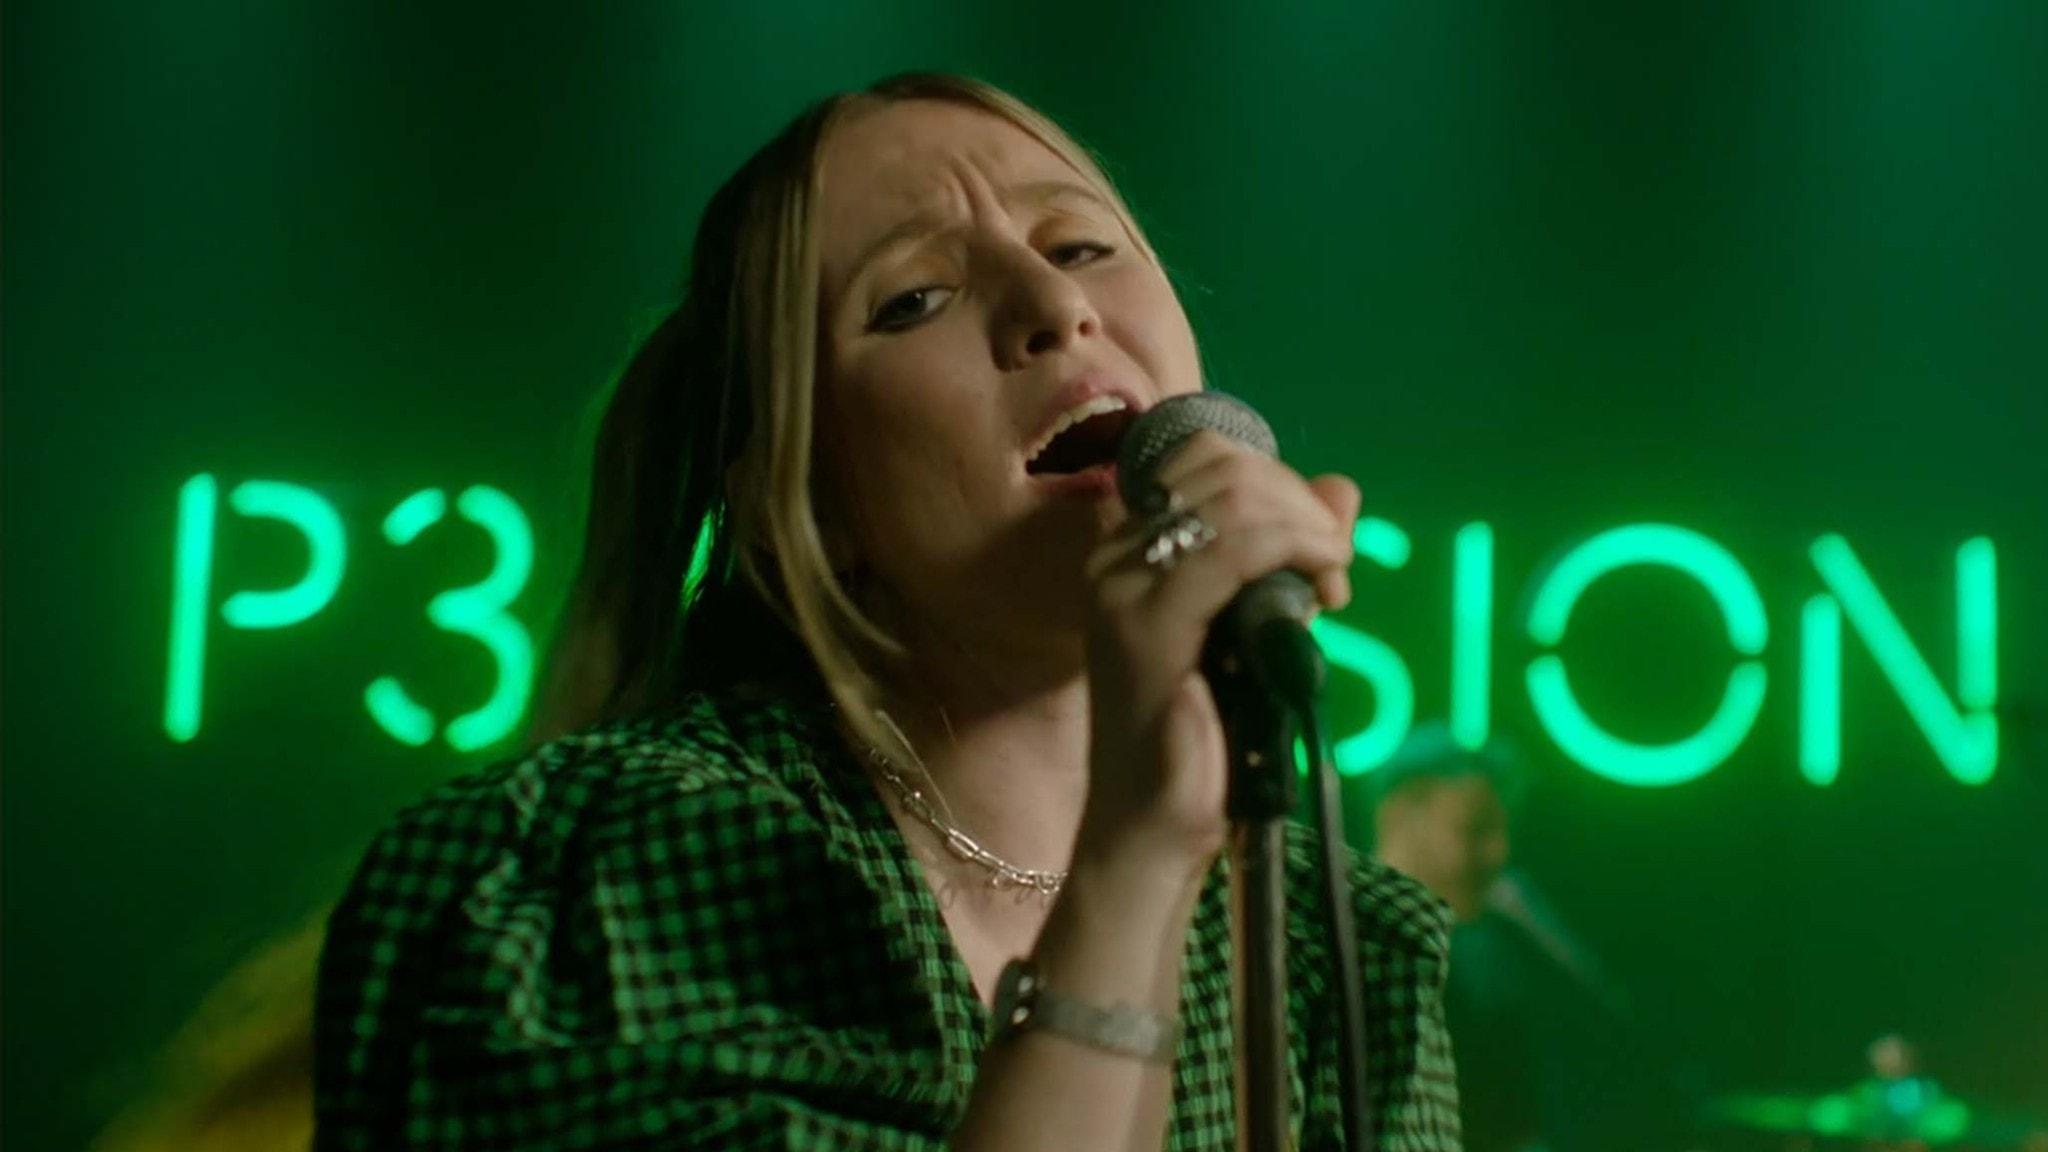 Myra sjunger på P3 Sessions gröna scen